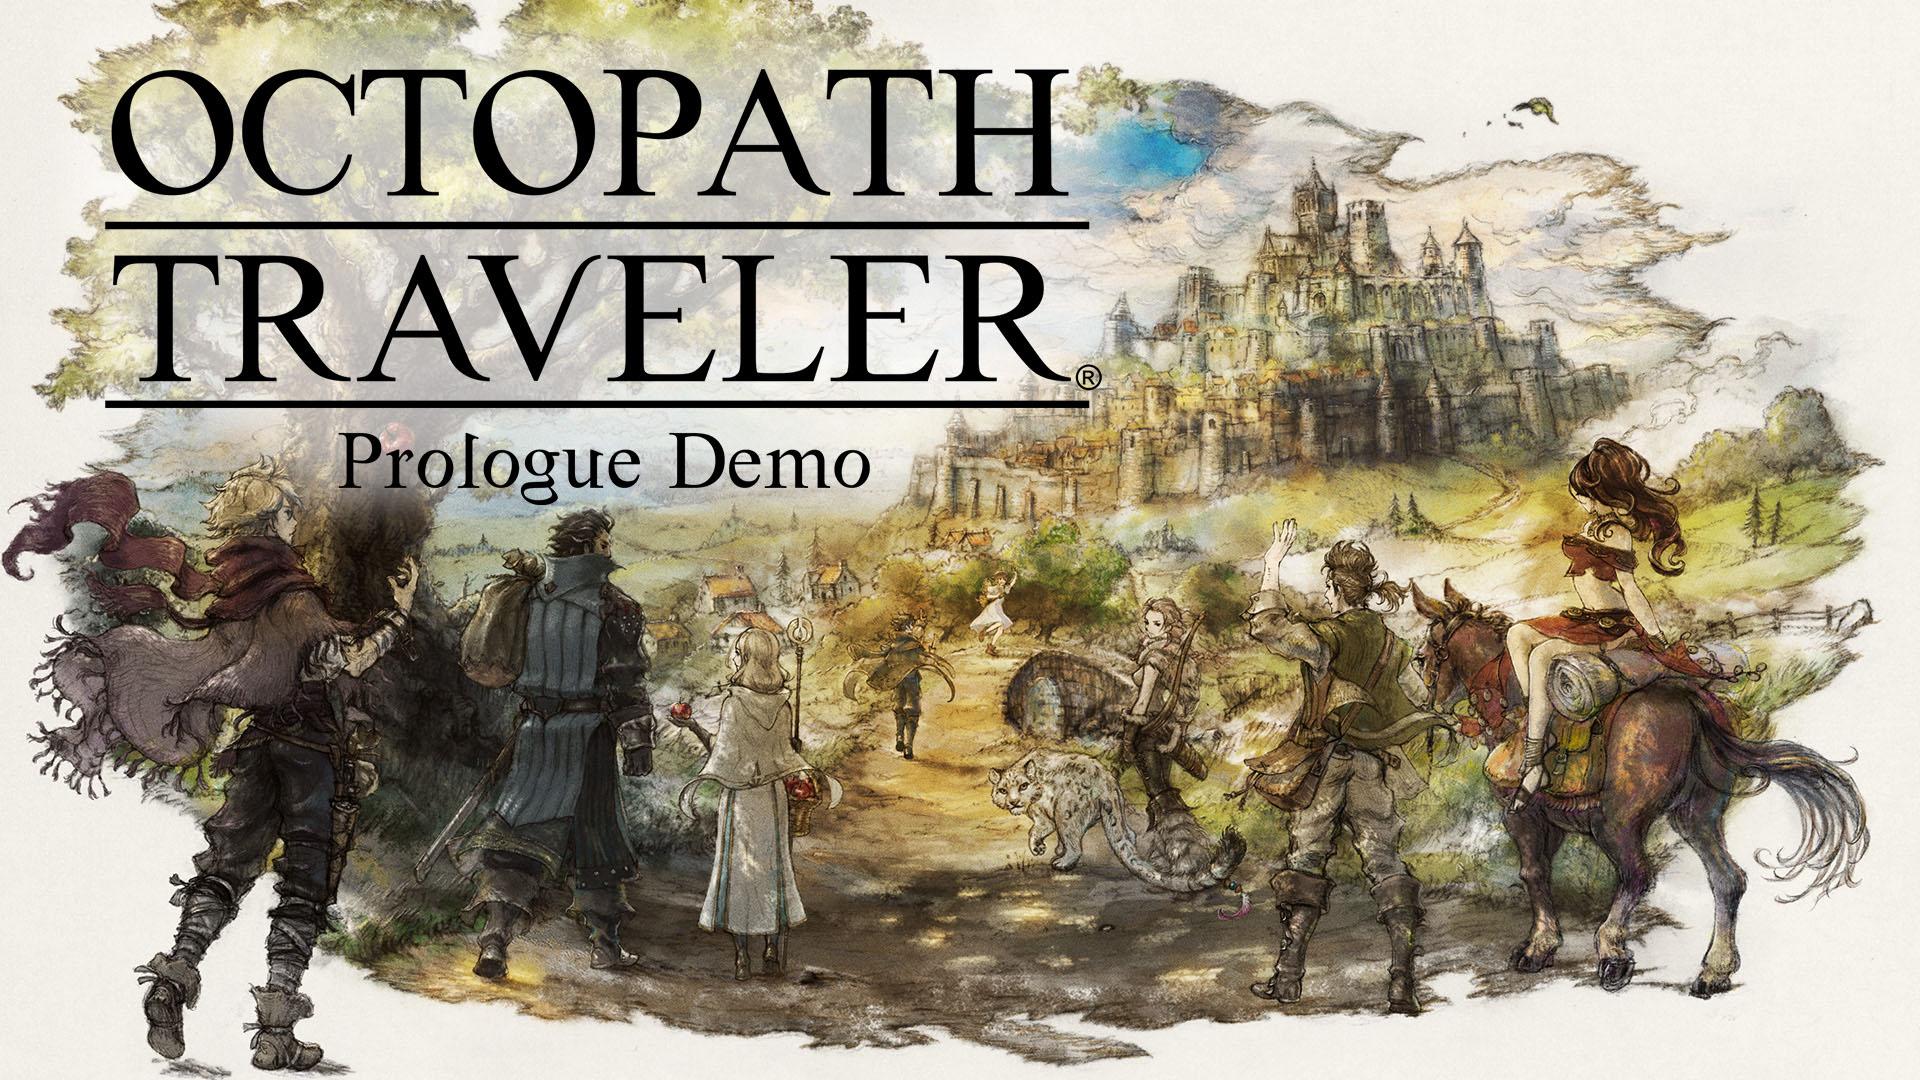 Octopath Traveler™ - Prologue Demo Version